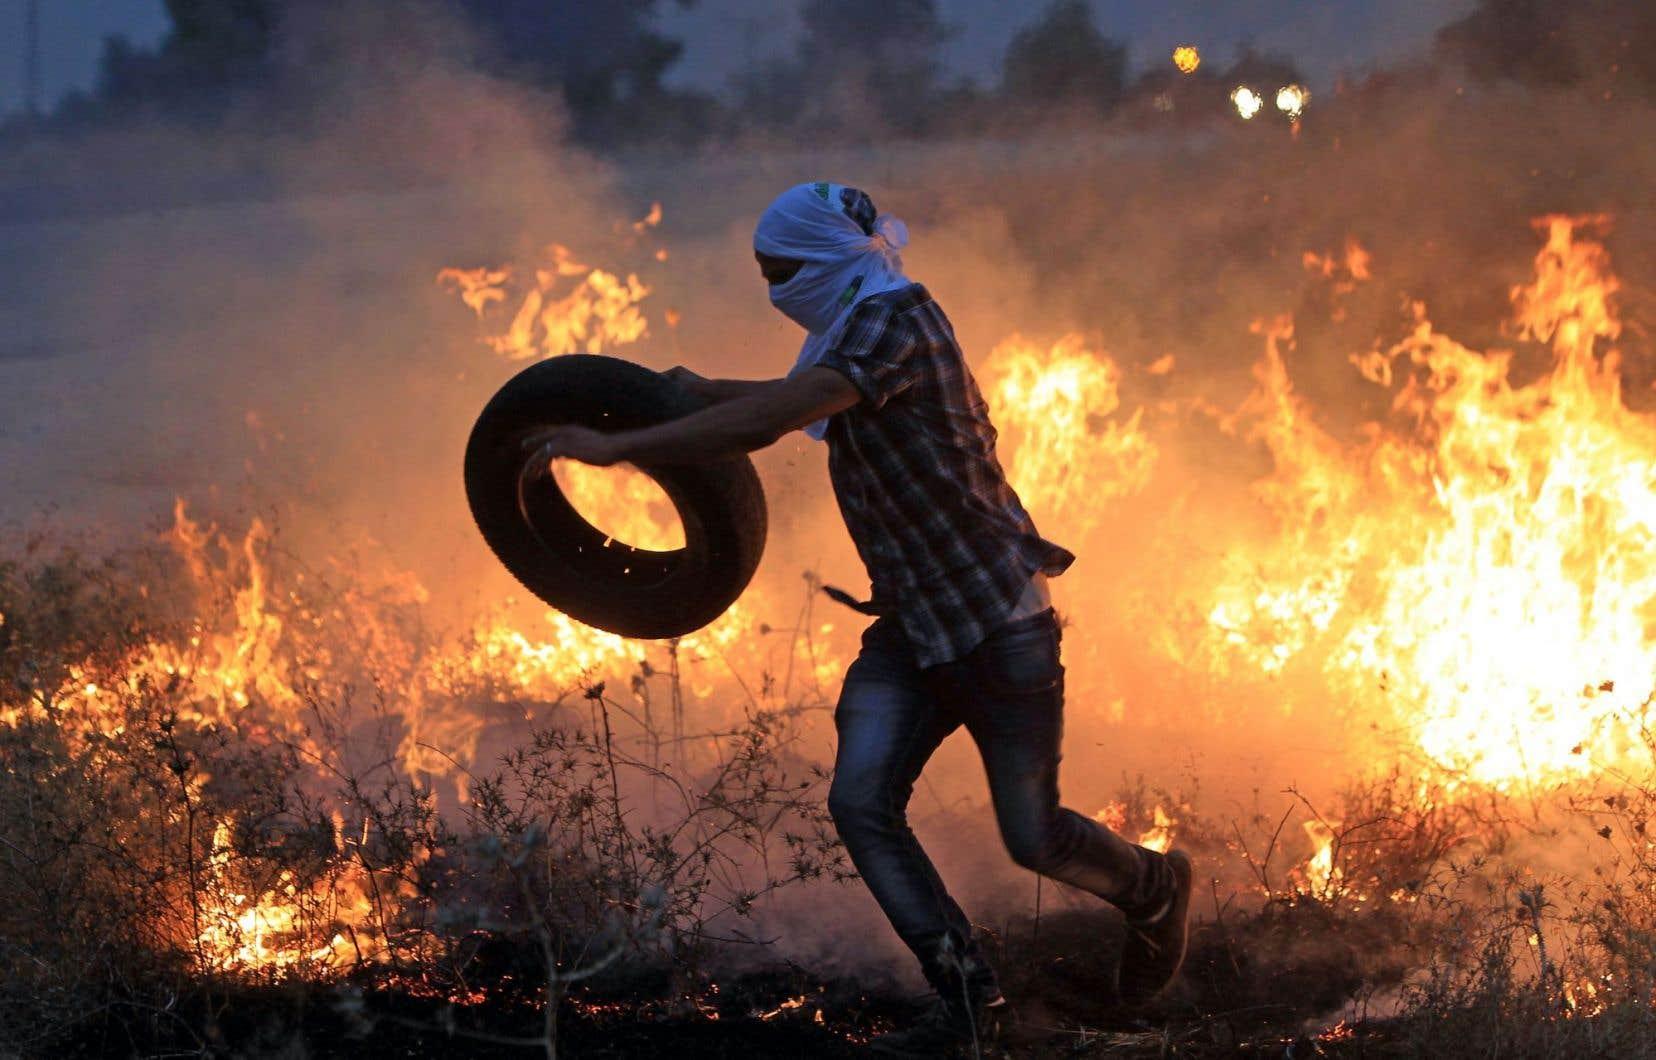 Des affrontements avec les forces de sécurité israéliennes ont suivi une manifestation qui dénonçait la mort d'un bambin dans un incendie criminel, la semaine dernière, en Cisjordanie occupée.